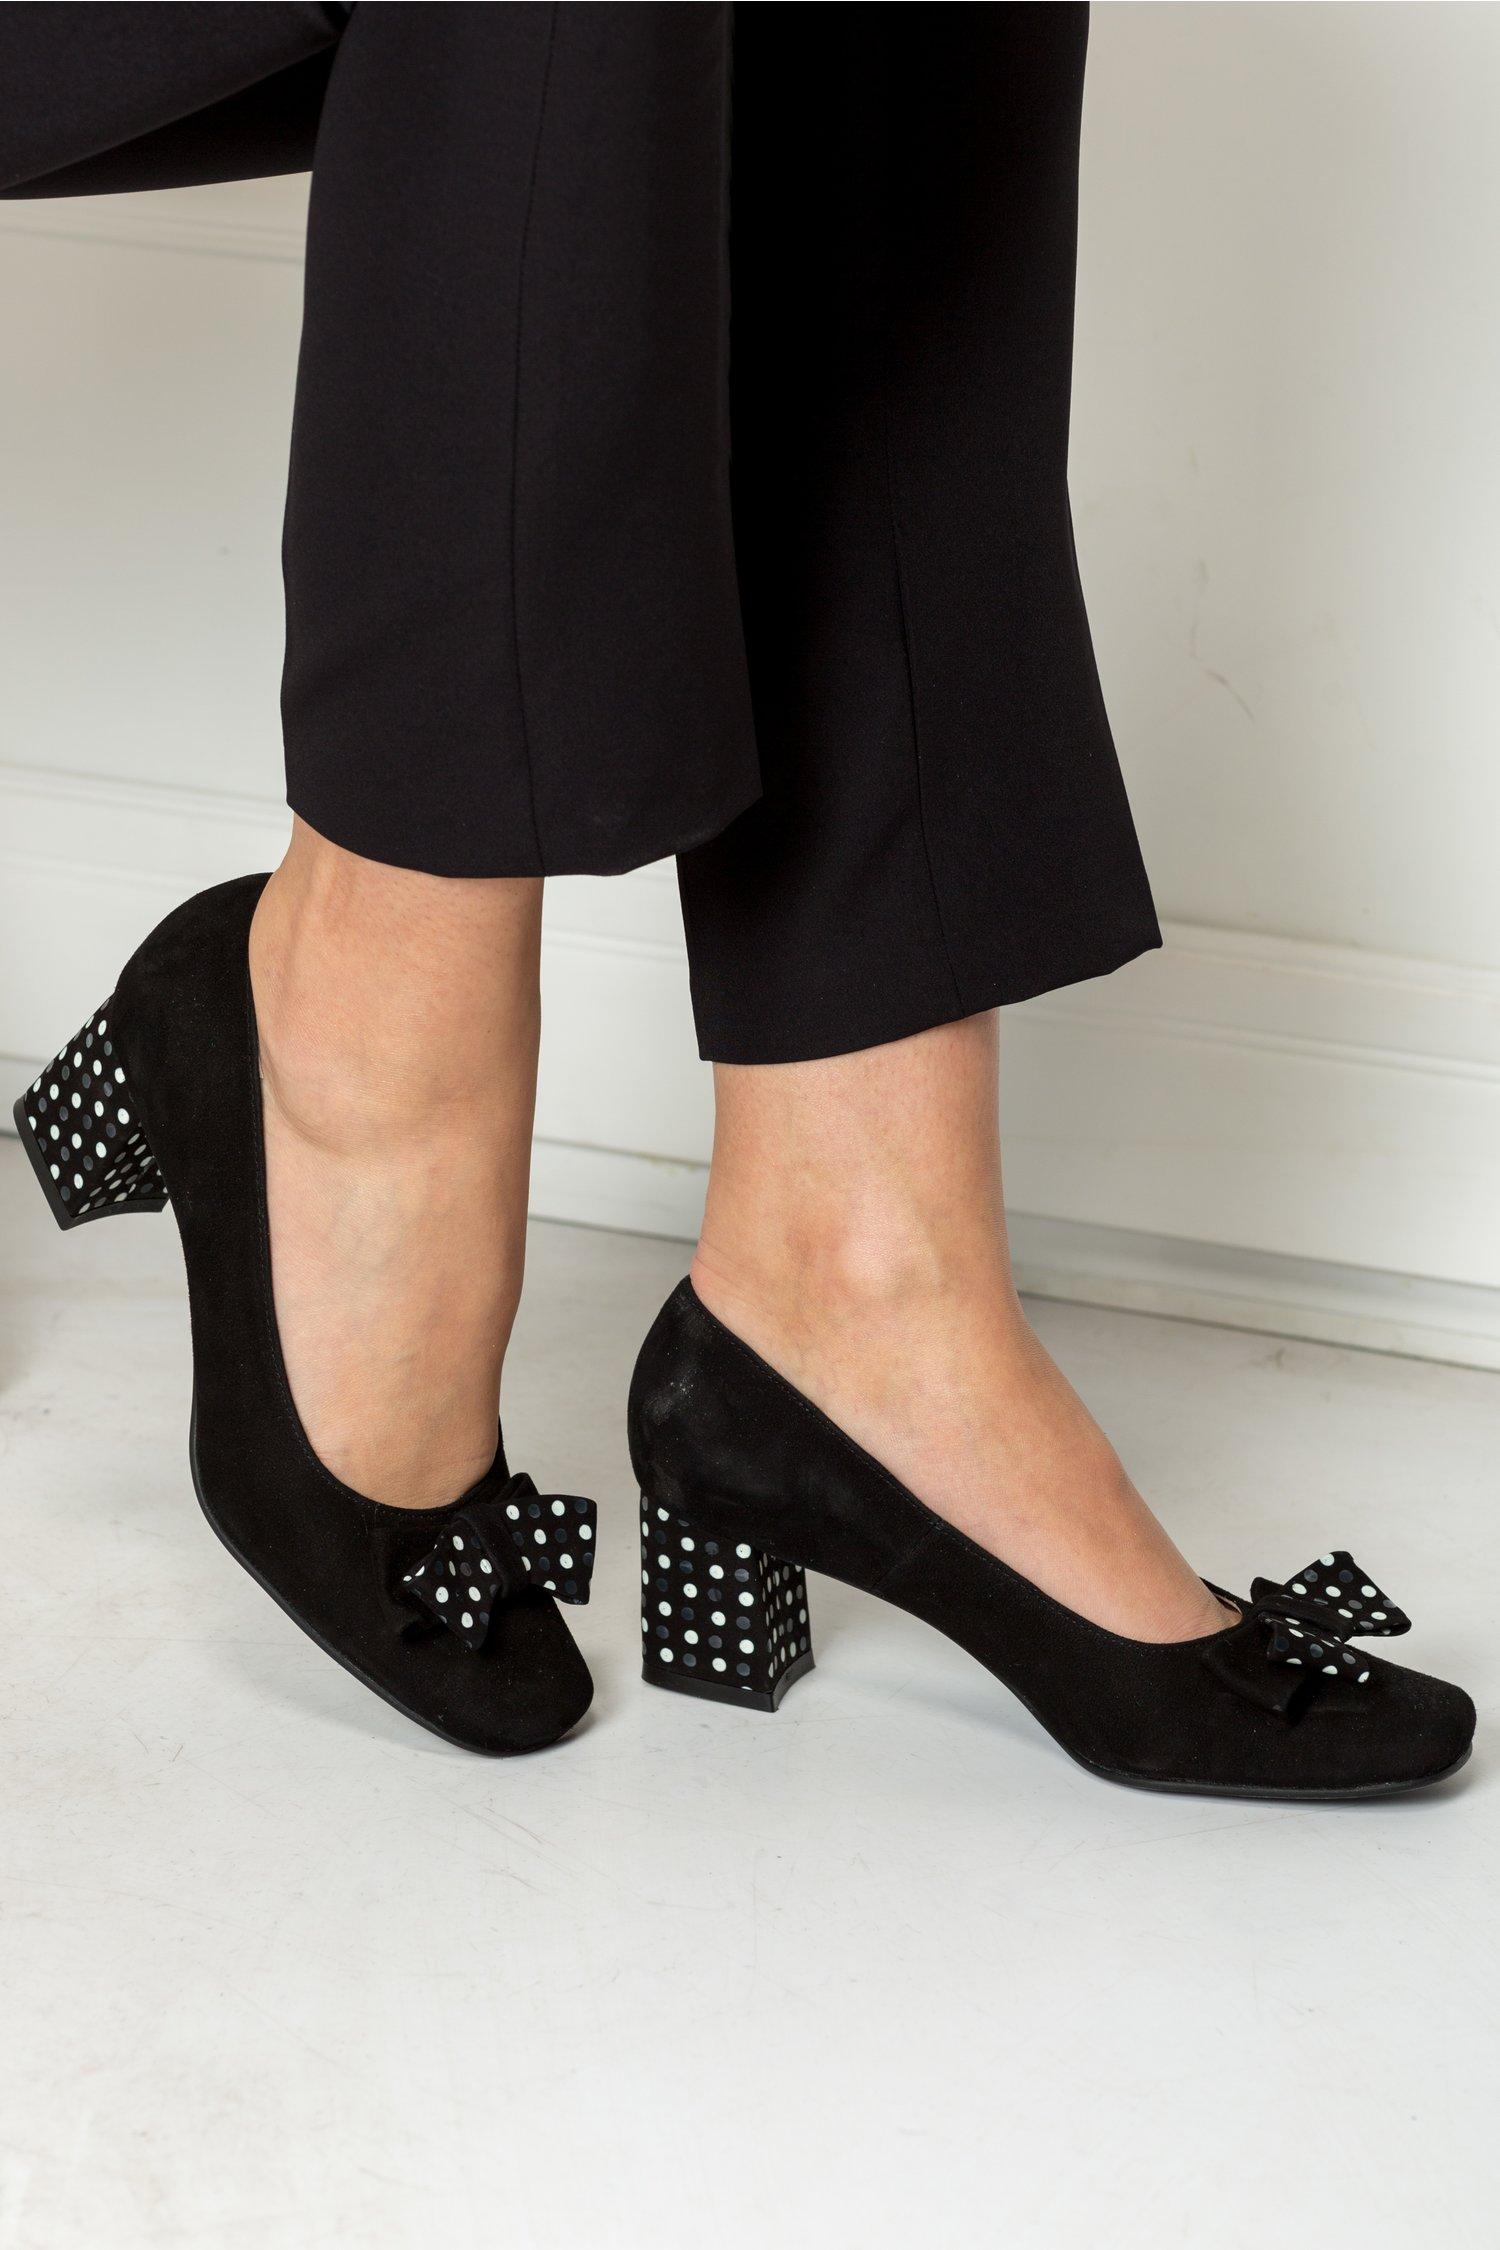 Pantofi Dots negri office cu funda si buline, colectia 2018